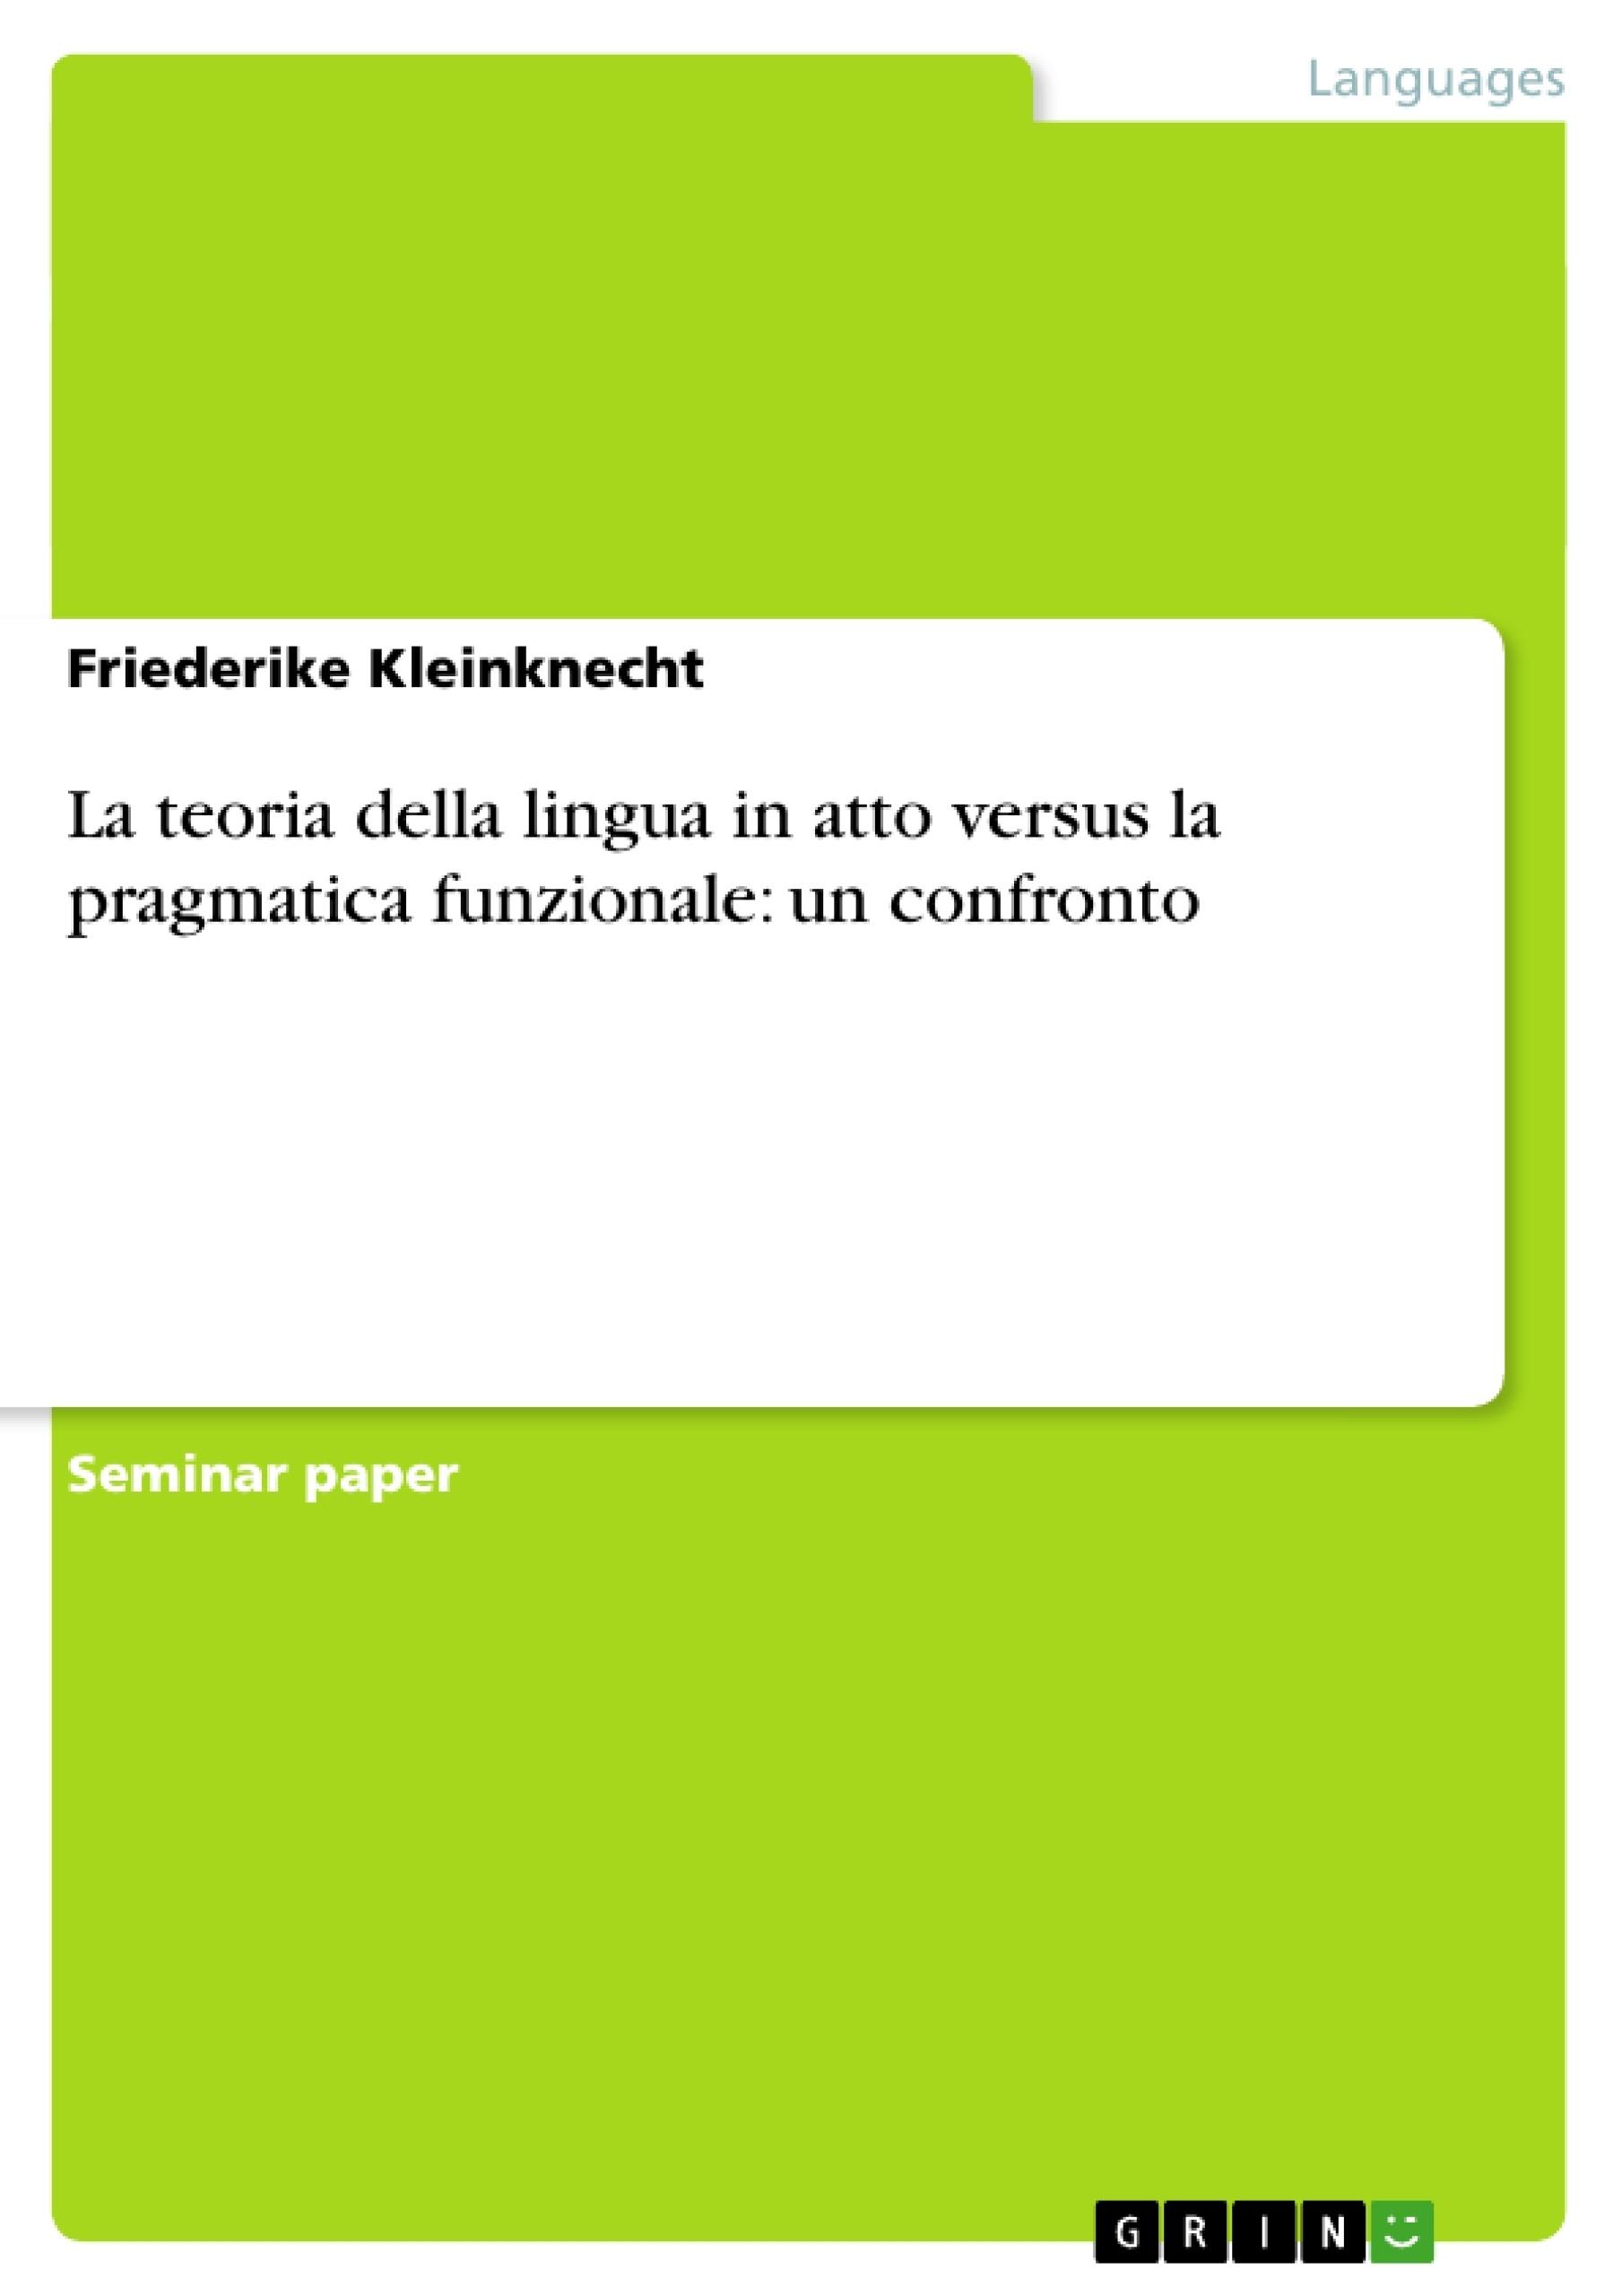 Title: La teoria della lingua in atto versus la pragmatica funzionale: un confronto